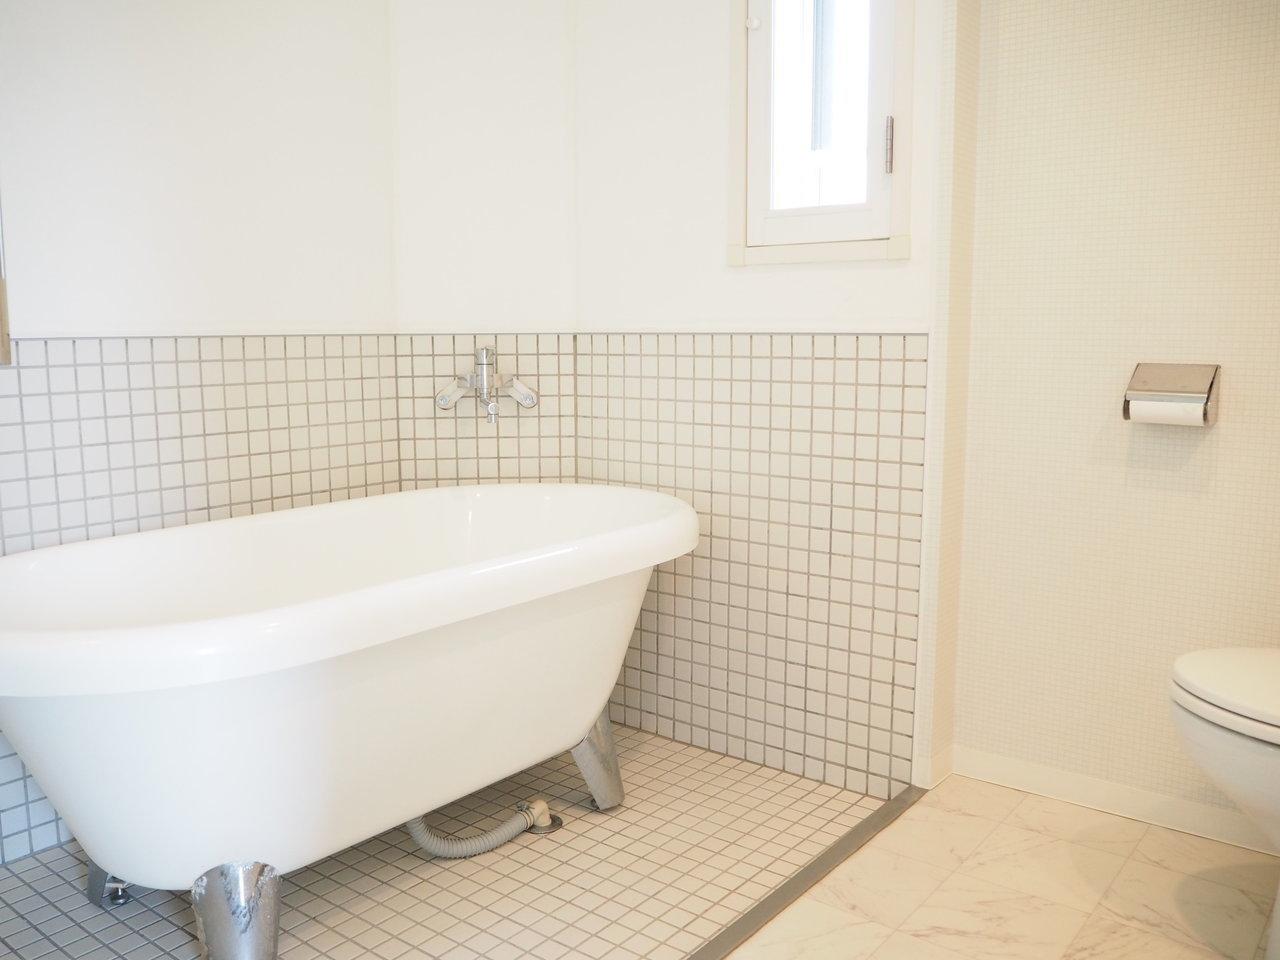 そして可愛らしいのがこのバスタブ。毎日お風呂に入るのが楽しくなりそう!